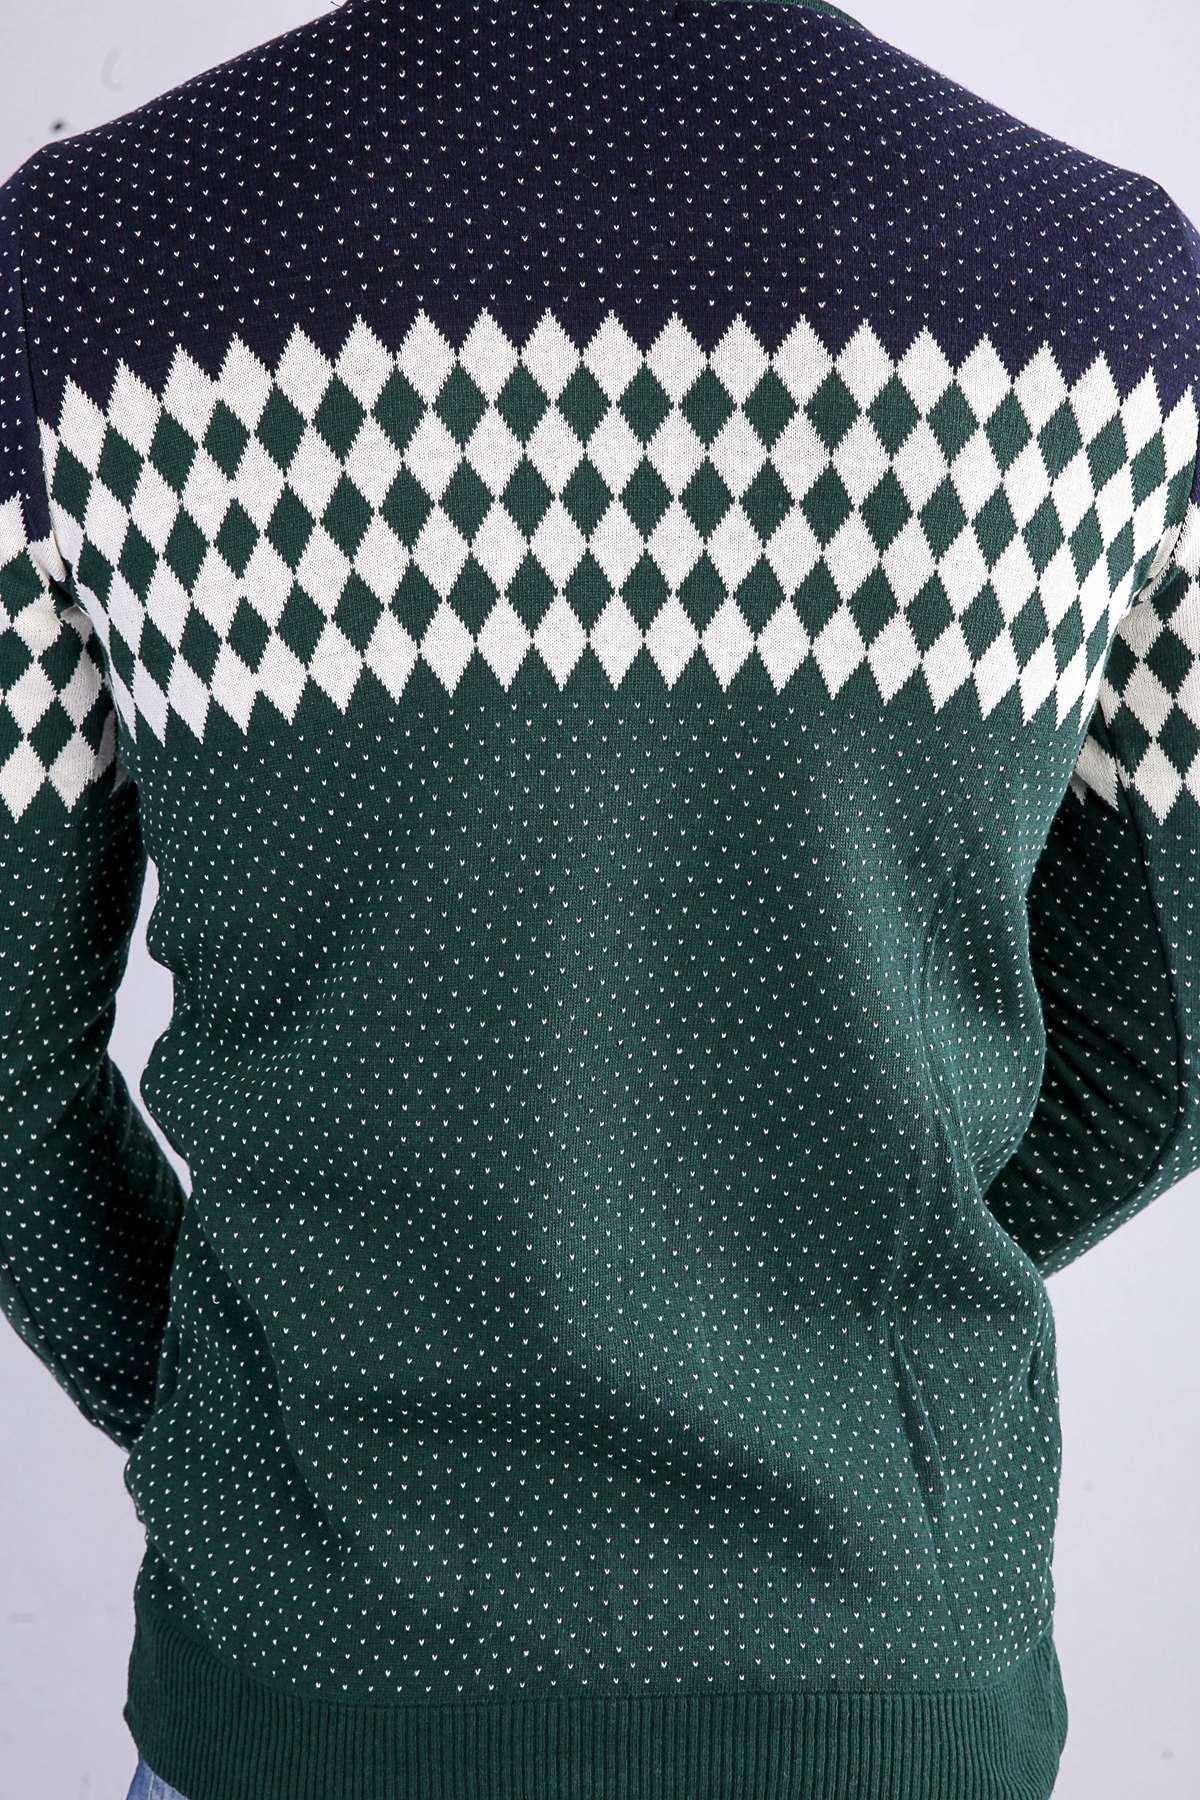 Üst Desenli Alt Noktalı Sıfır Yaka Triko Yeşil-Beyaz